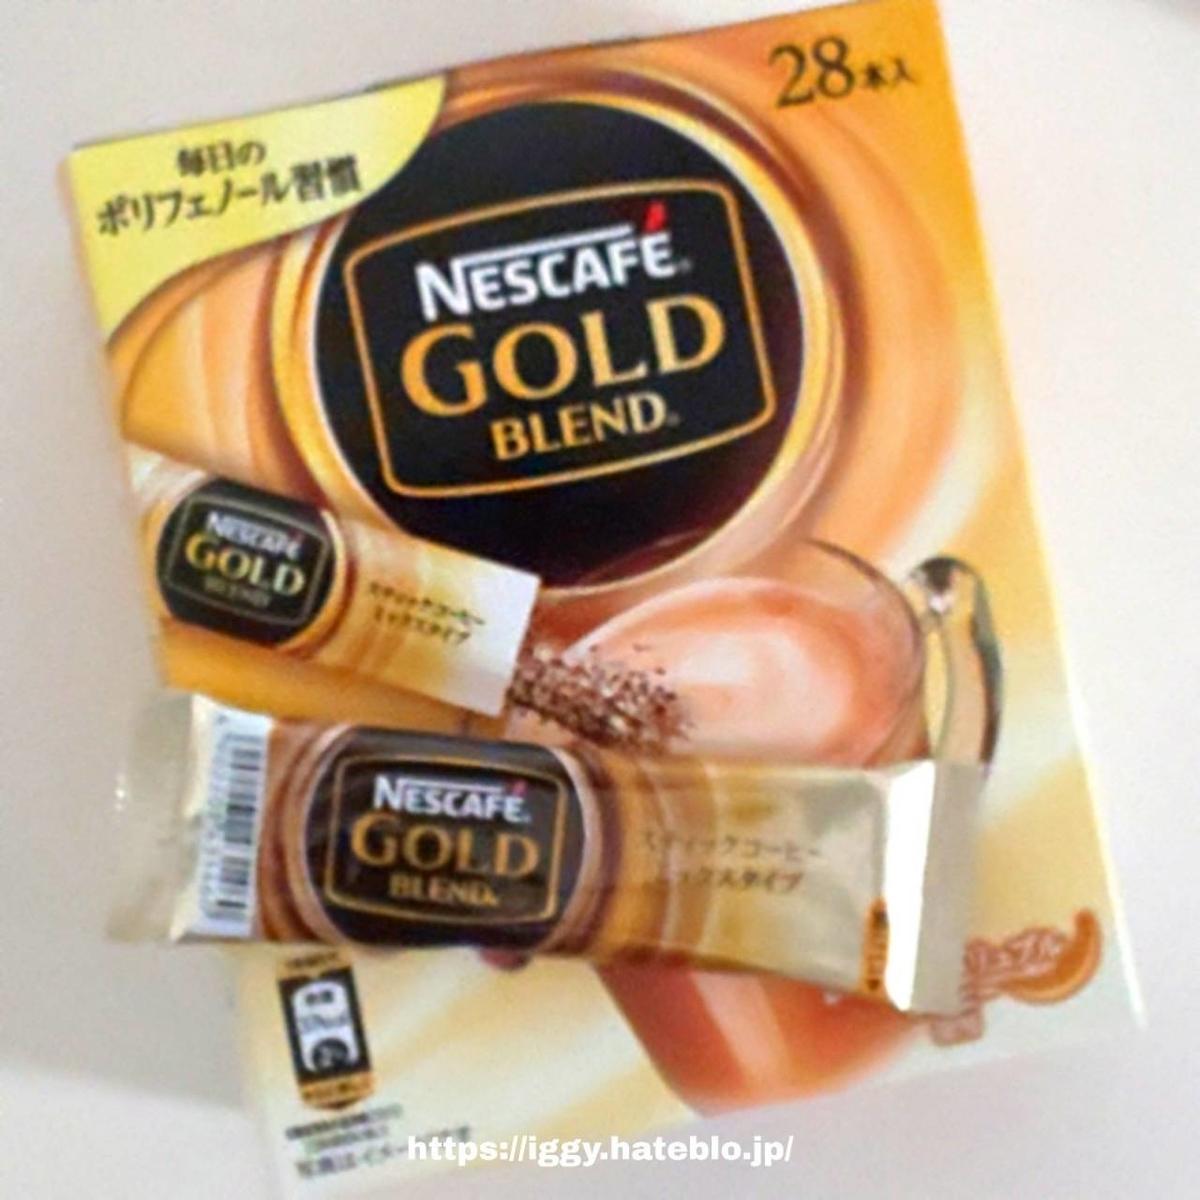 炊飯器 ホットケーキミックス おやつ スティックコーヒー iggy2019